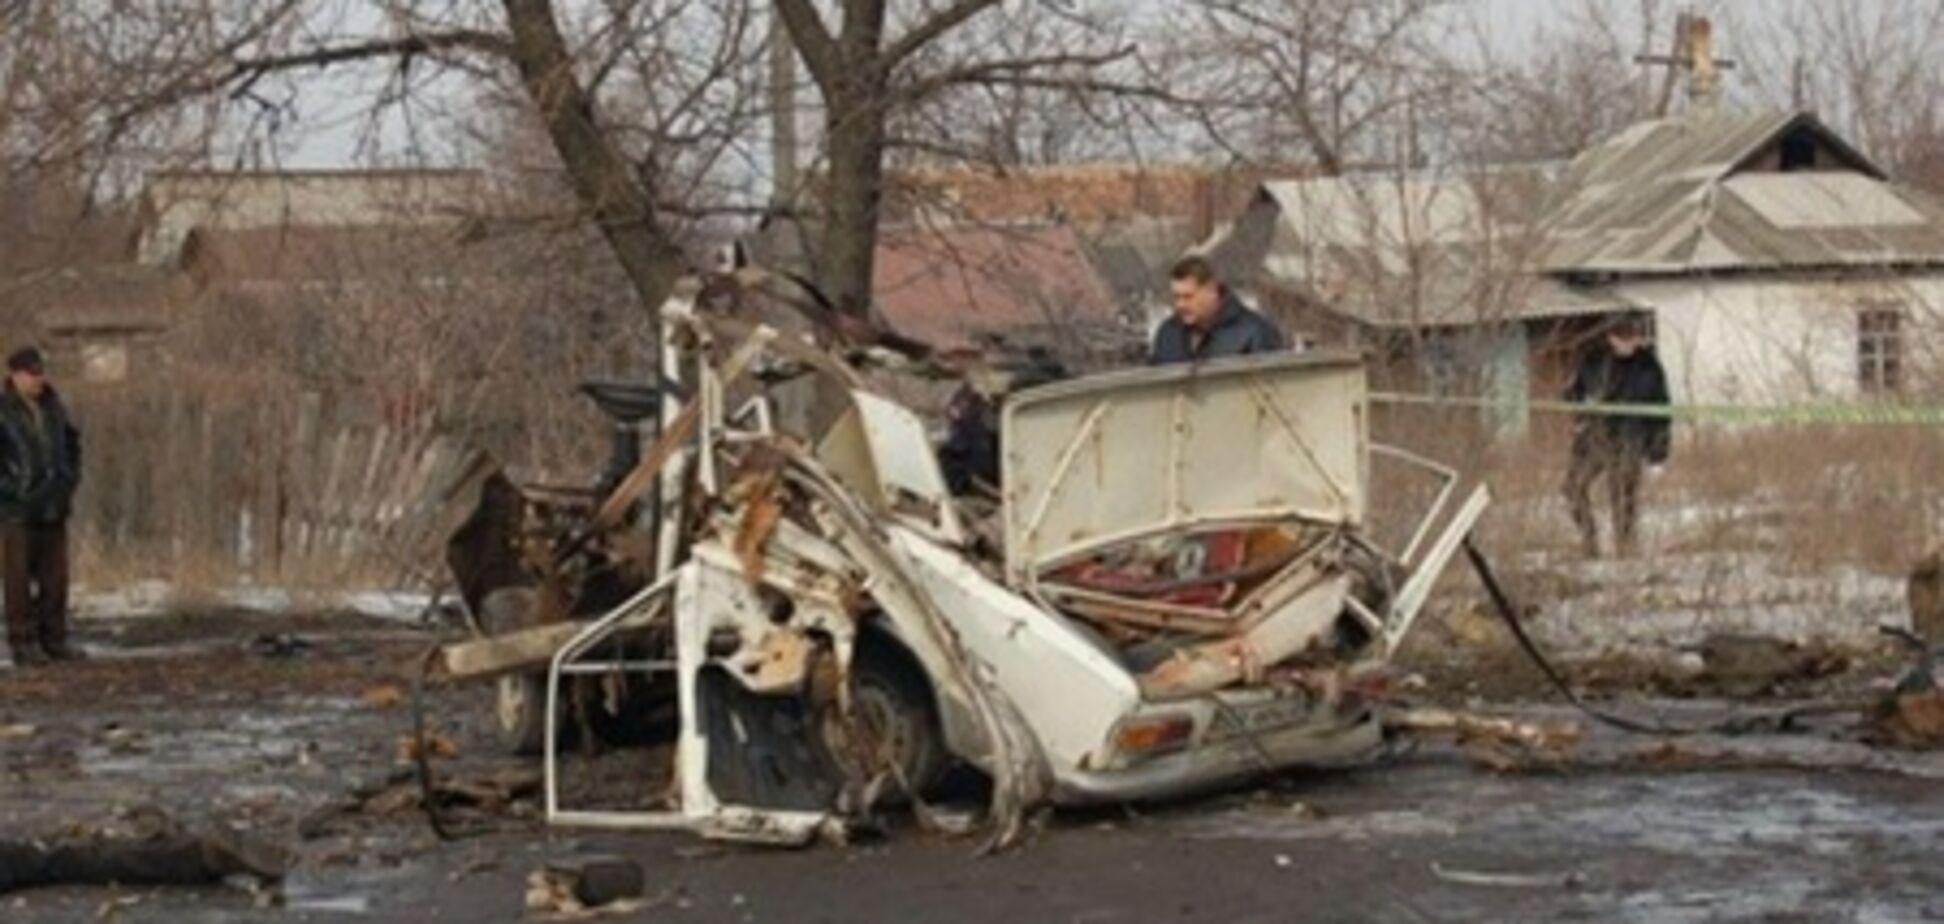 У Луганській області на очах у людей підірвали бізнесмена. Фото